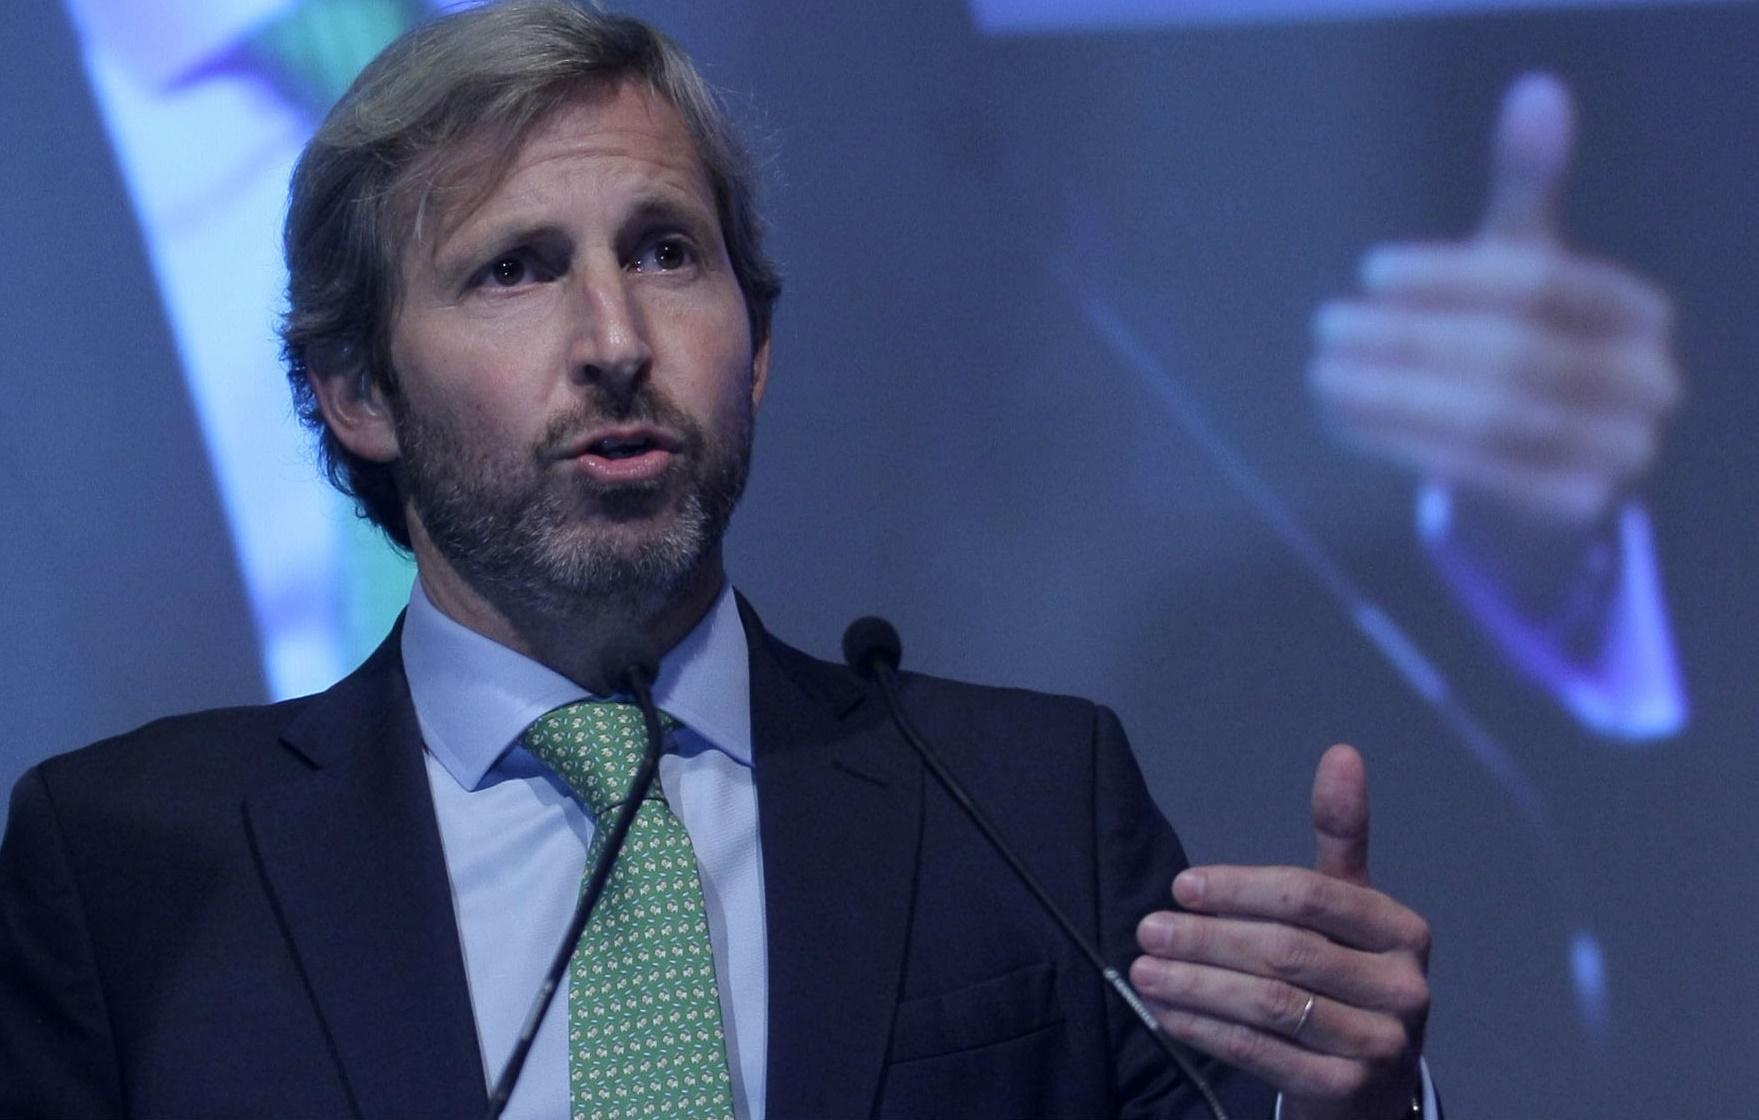 """Causa AMIA y Nisman: El Gobierno reafirmó su compromiso """"con la verdad y la justicia"""""""